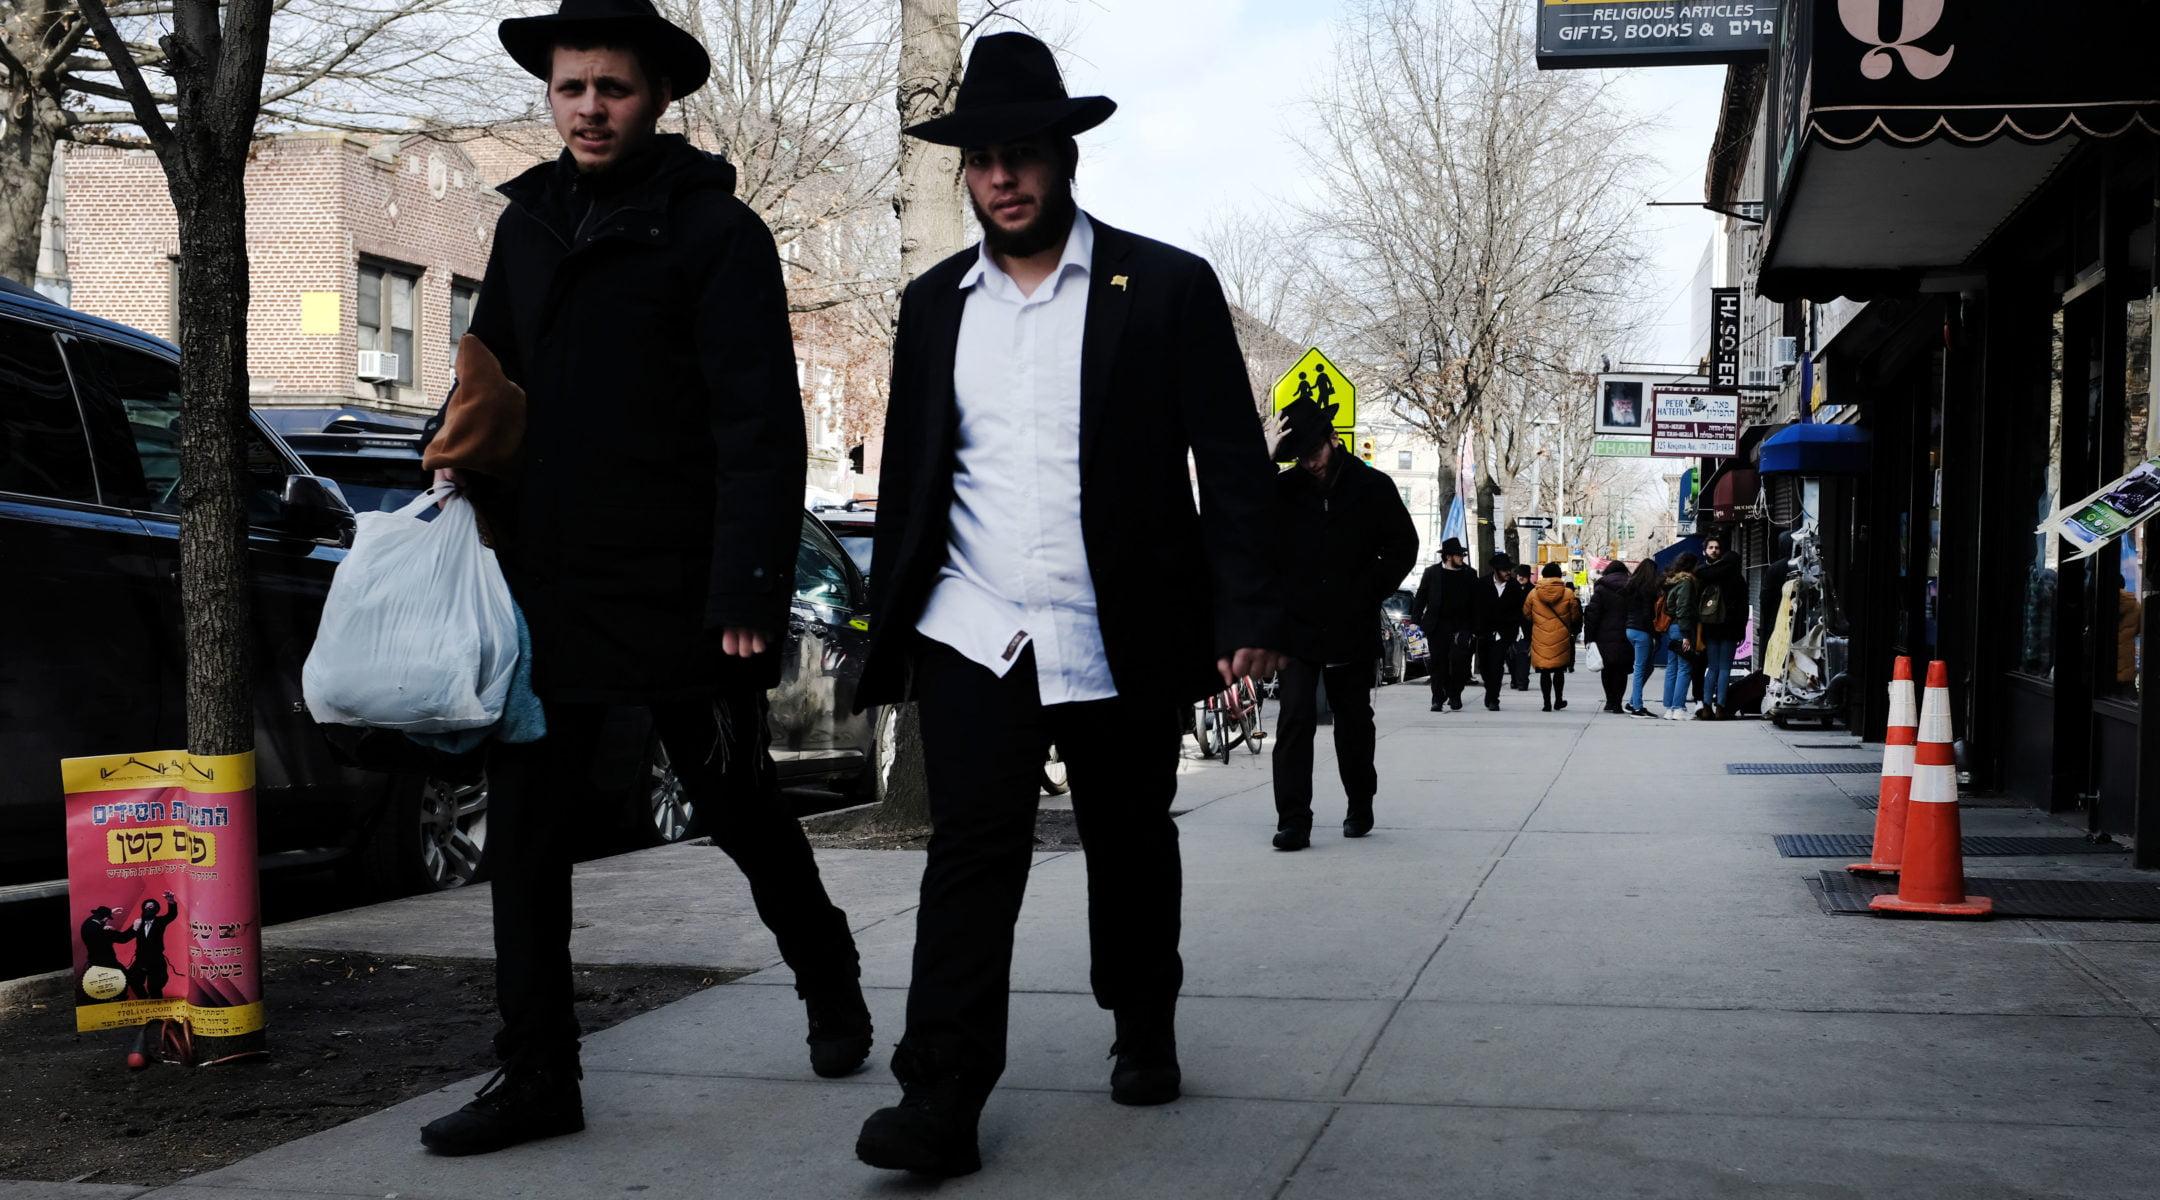 Des hommes juifs orthodoxes marchent dans le quartier de Crown Heights à Brooklyn, le 25 février 201